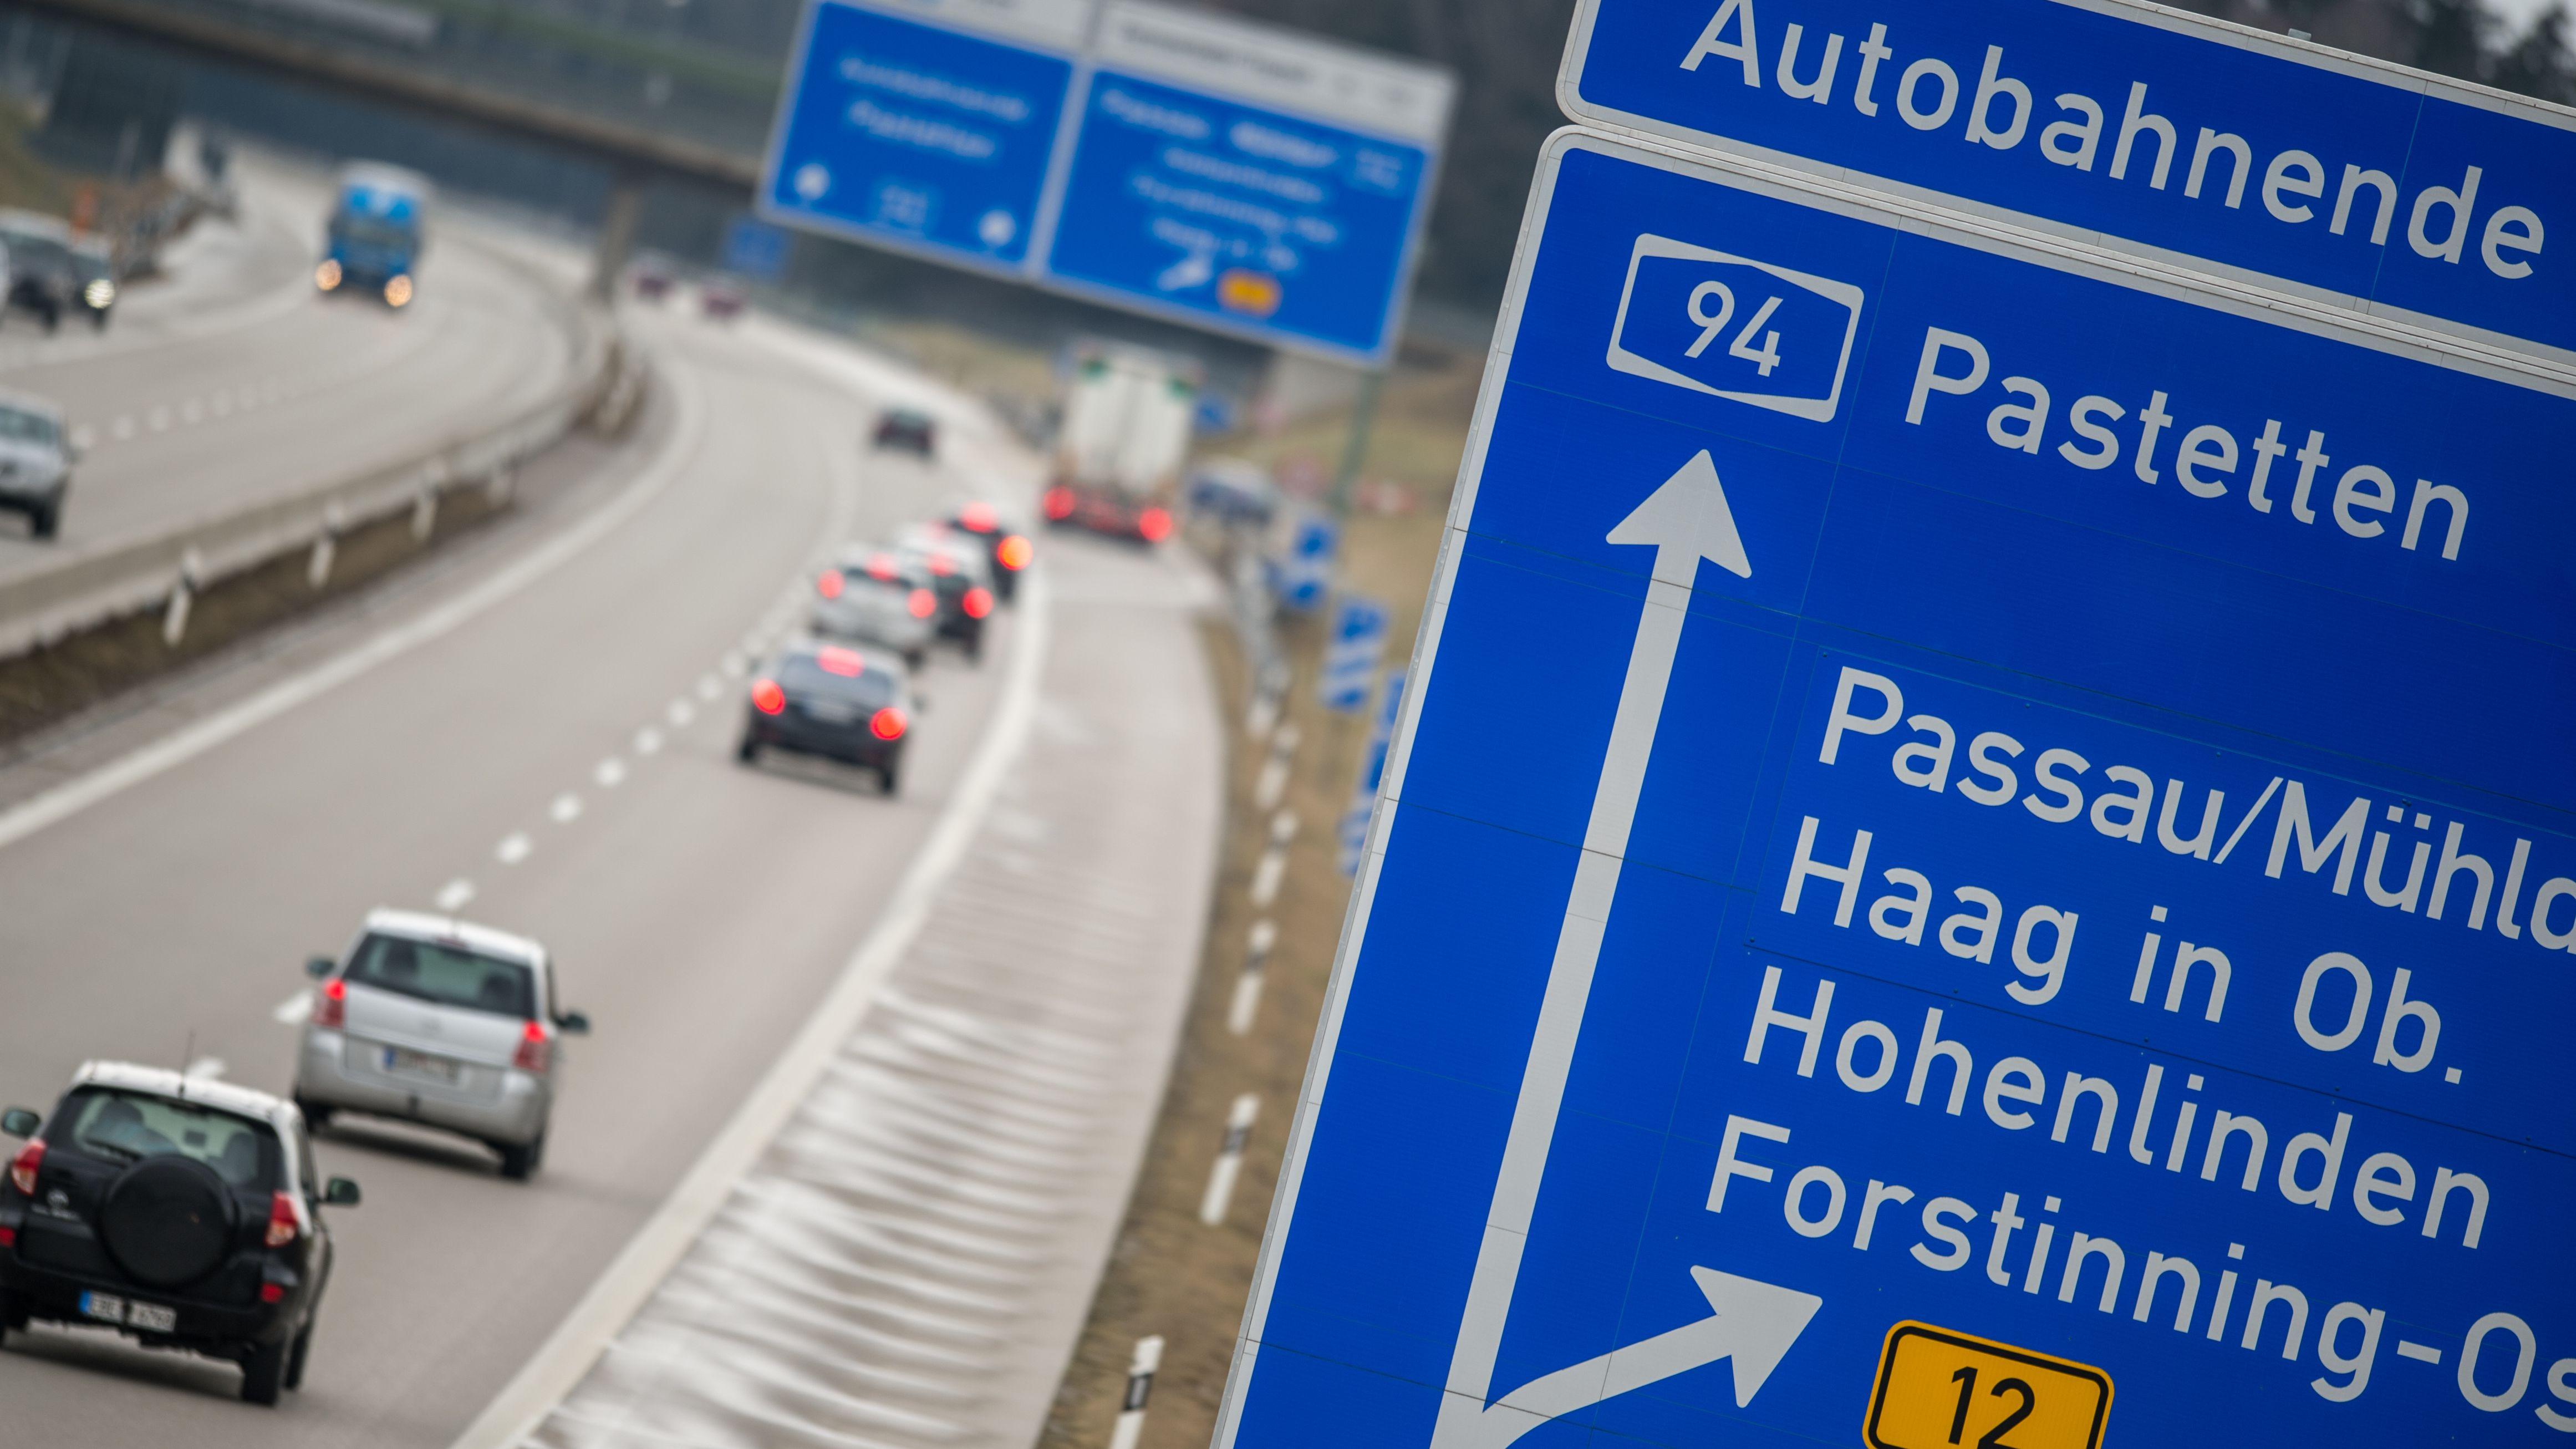 """Der Schriftzug """"Autobahnende Pastetten"""" steht am 05.02.2016 auf einem Verkehrsschild über der Autobahn"""